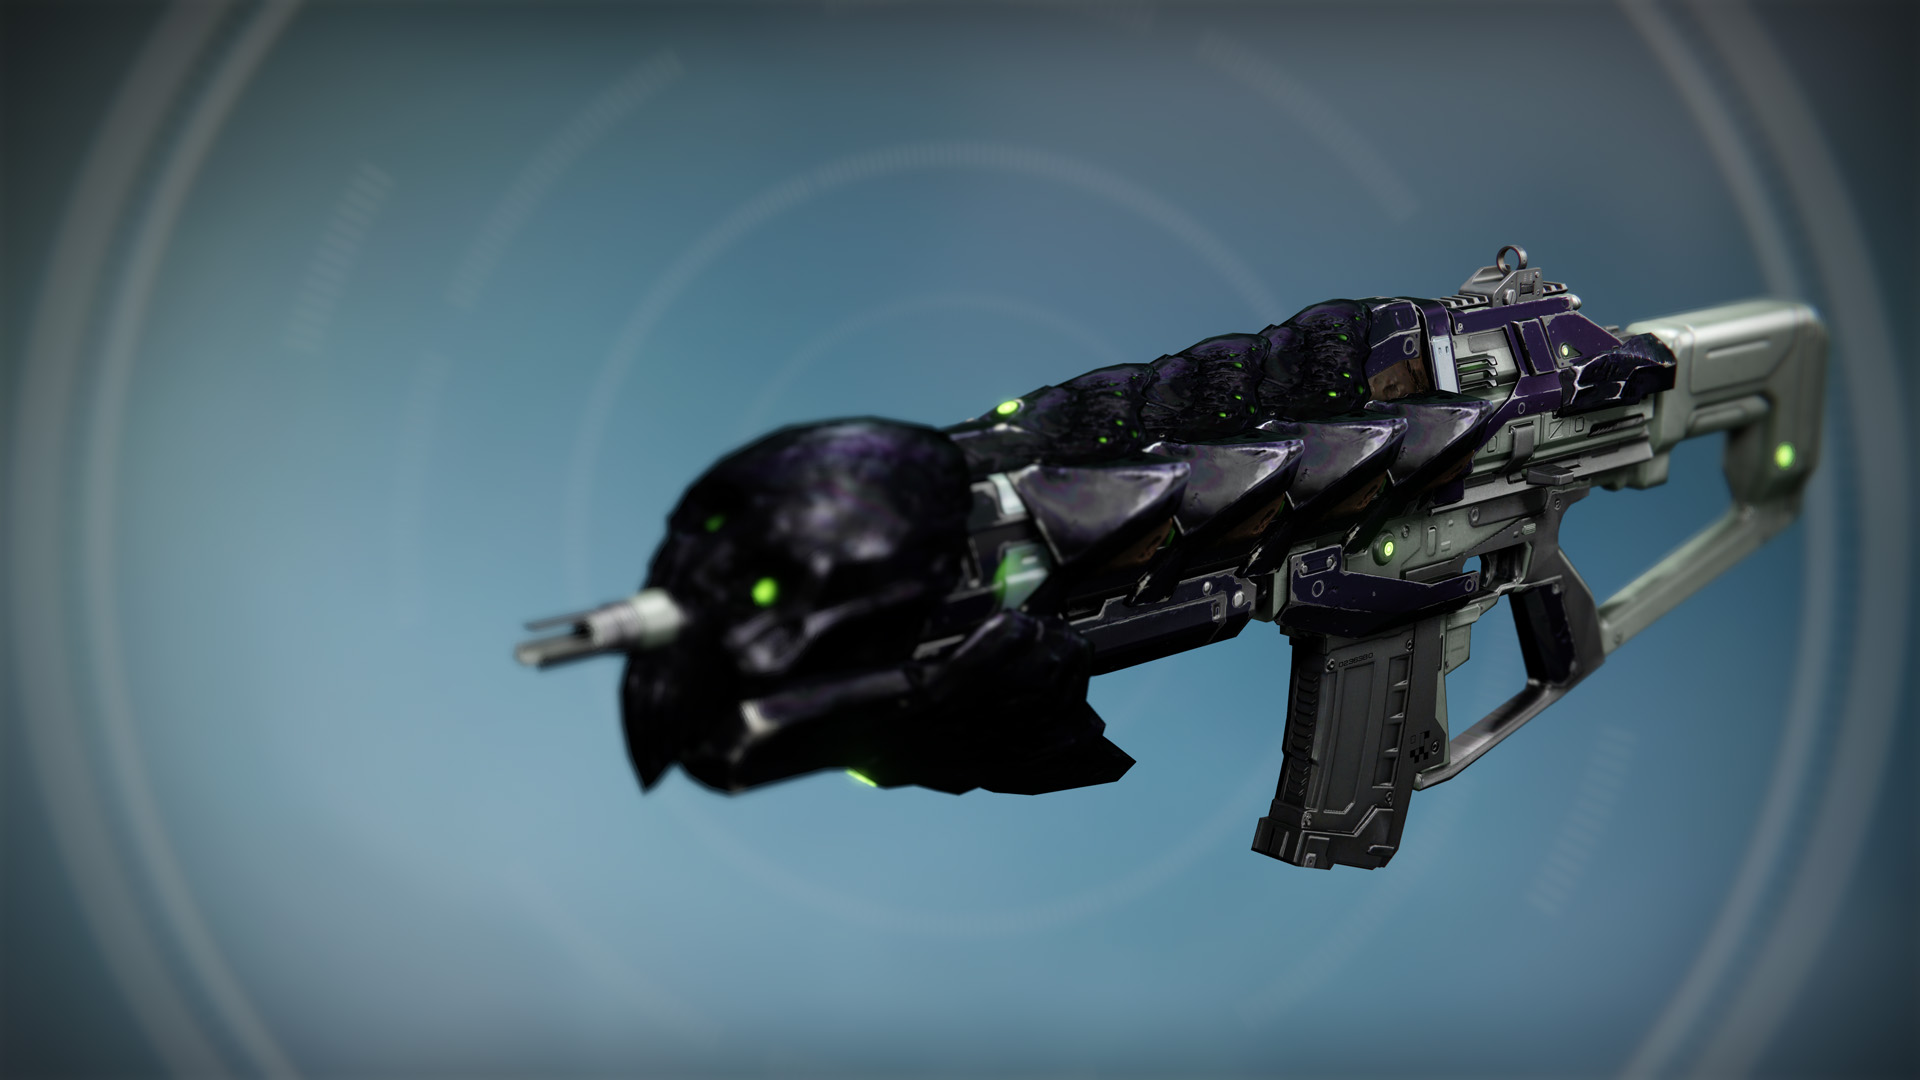 Gjallarhorn - Destinypedia, the Destiny encyclopedia